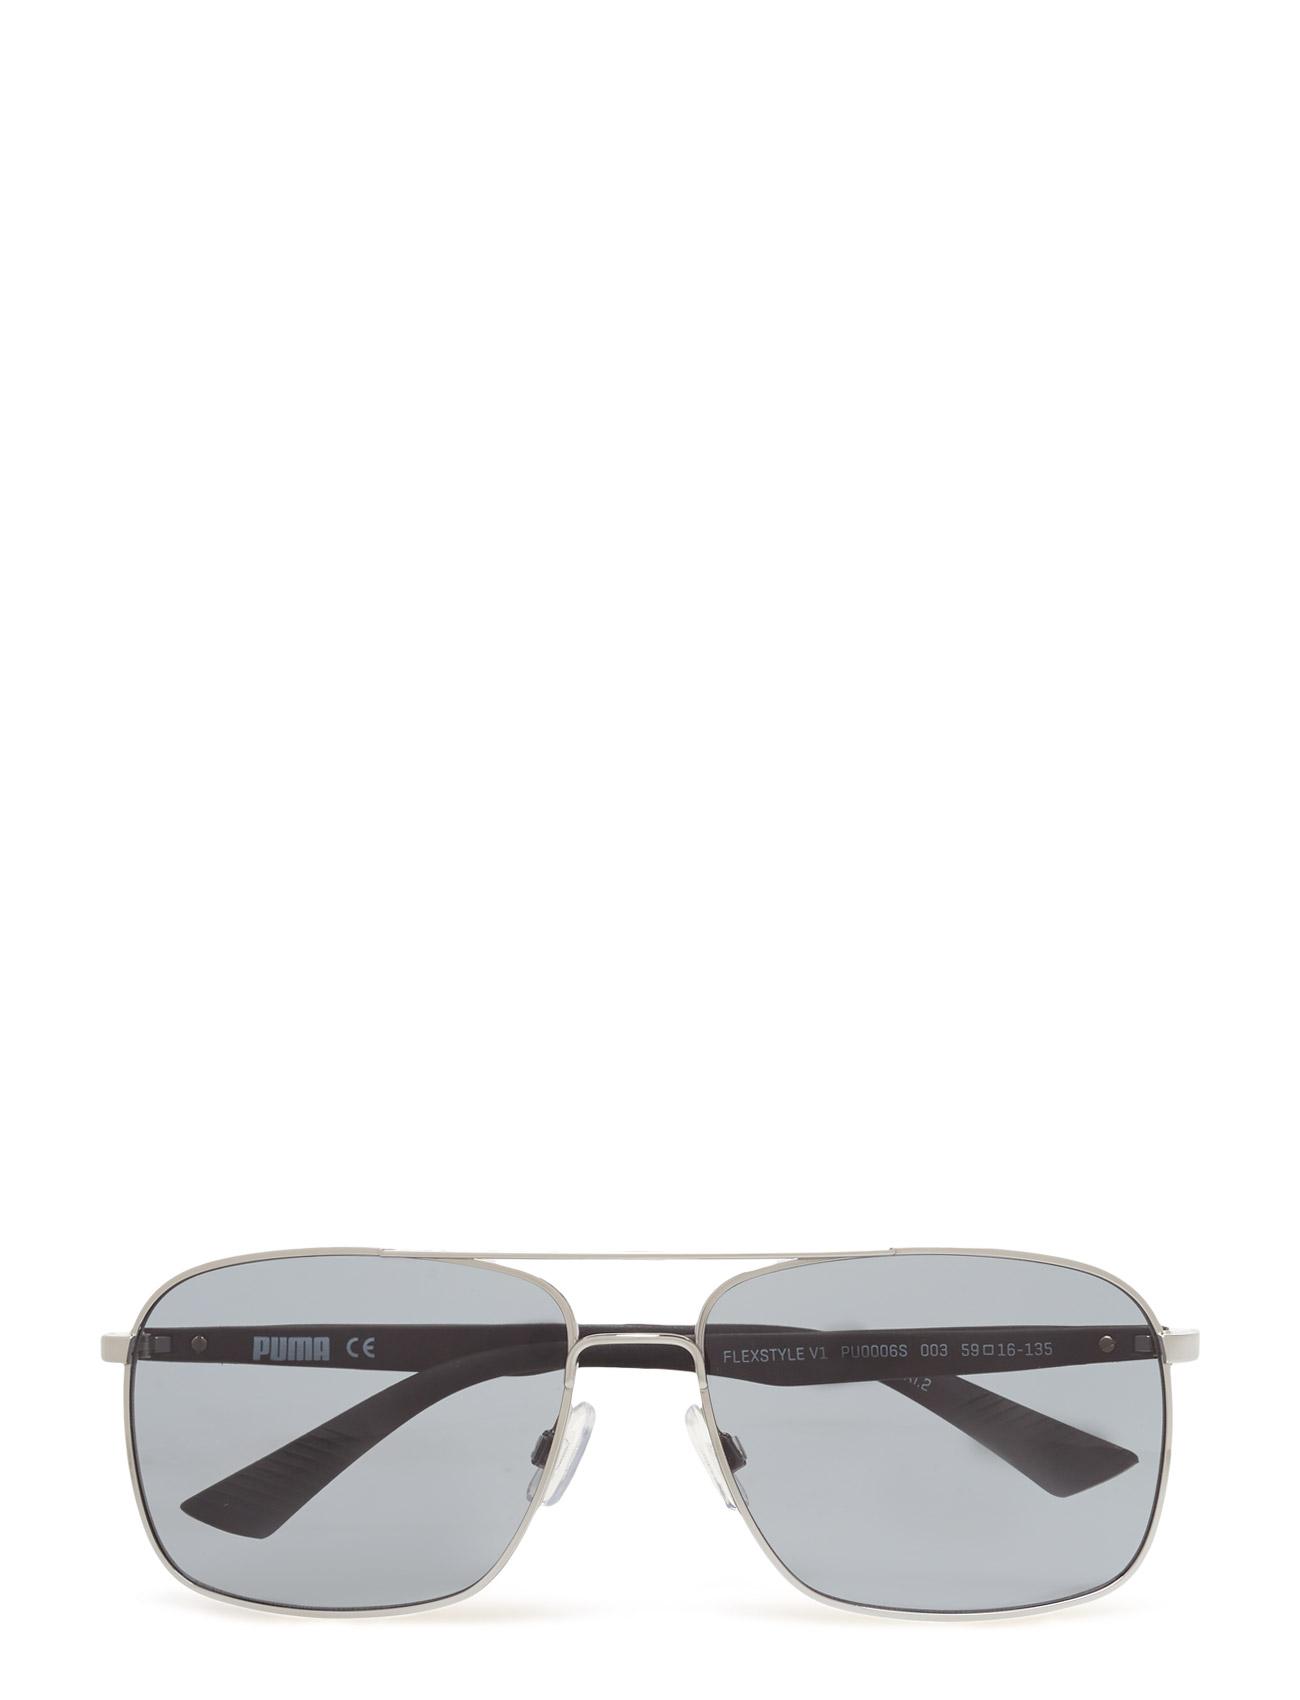 Pu0006s Puma Solbriller til Herrer i